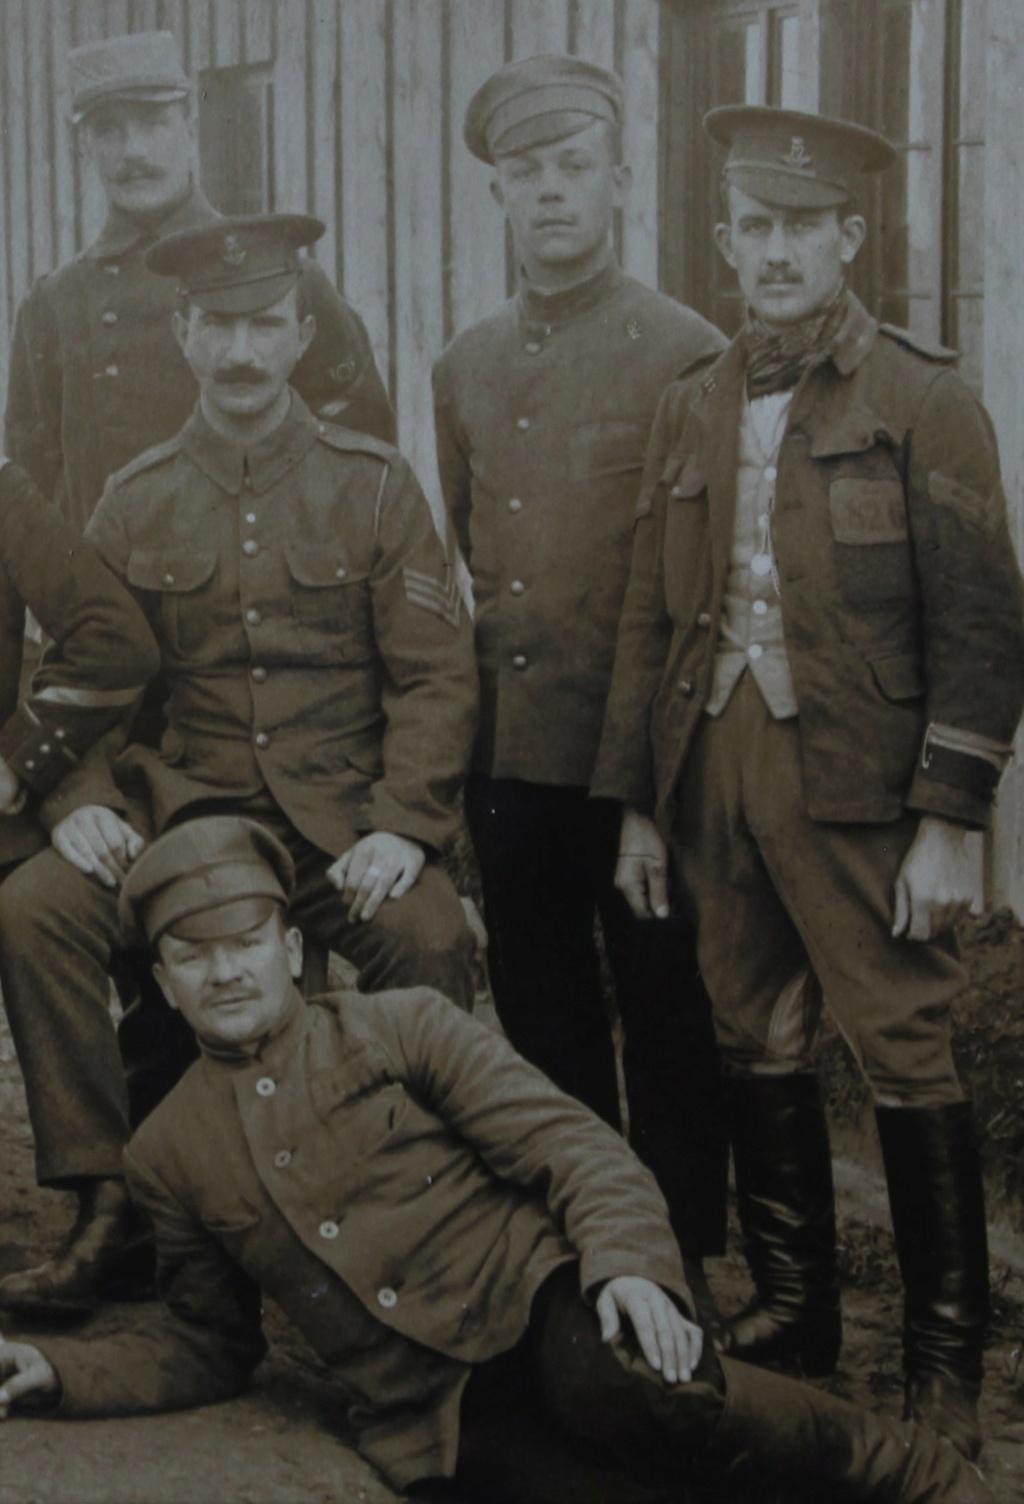 carte photo prisonniers de guerre à identifer Img_6424